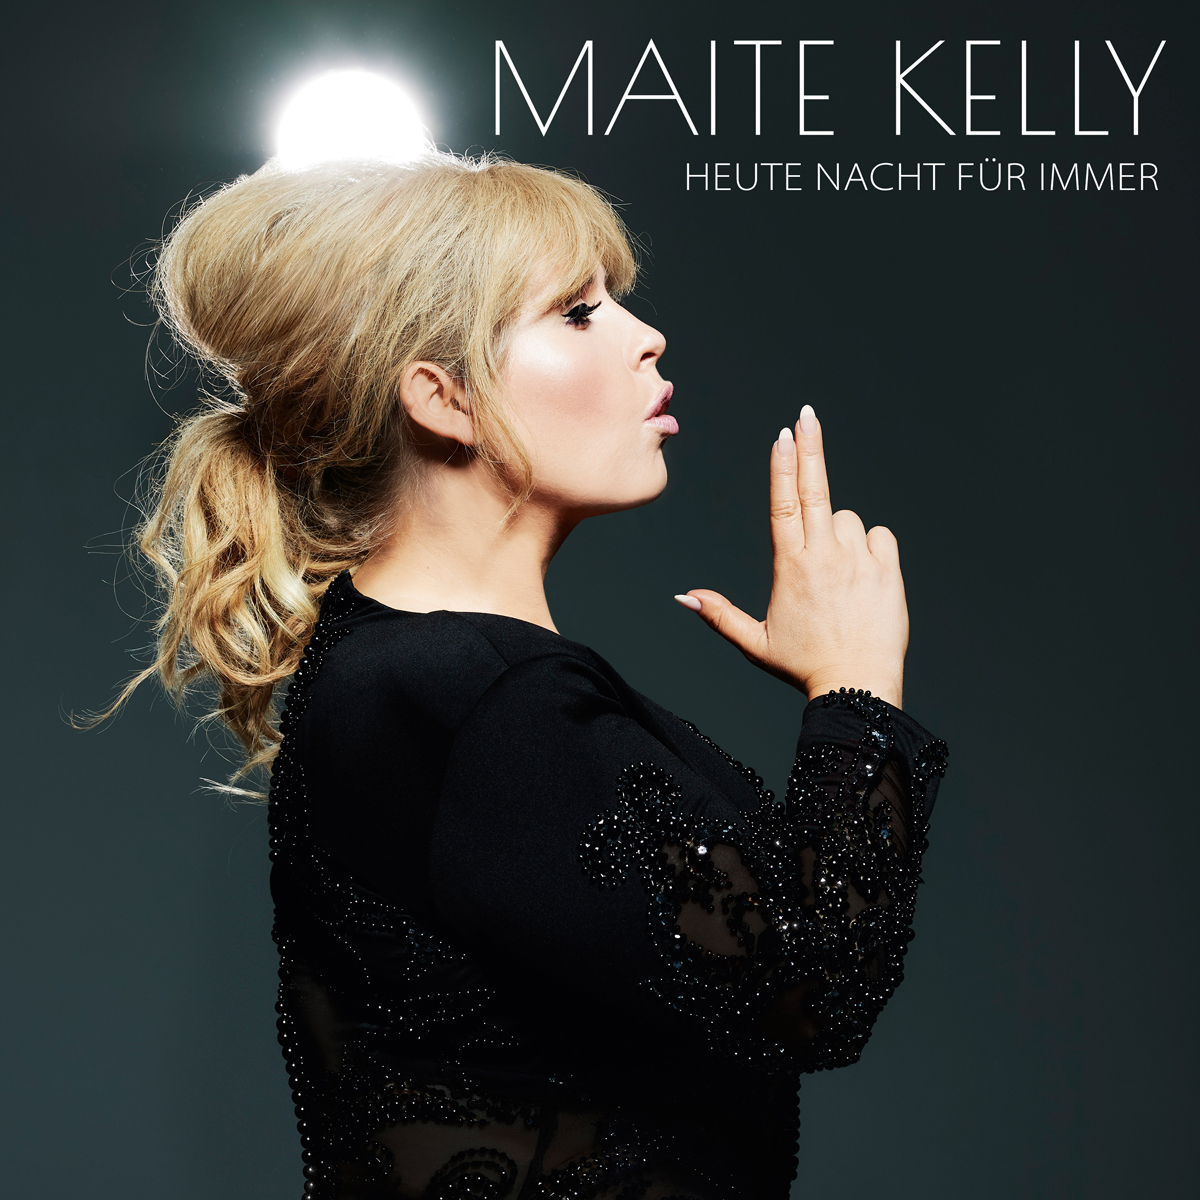 Cover: Heute Nacht für immer, Maite Kelly